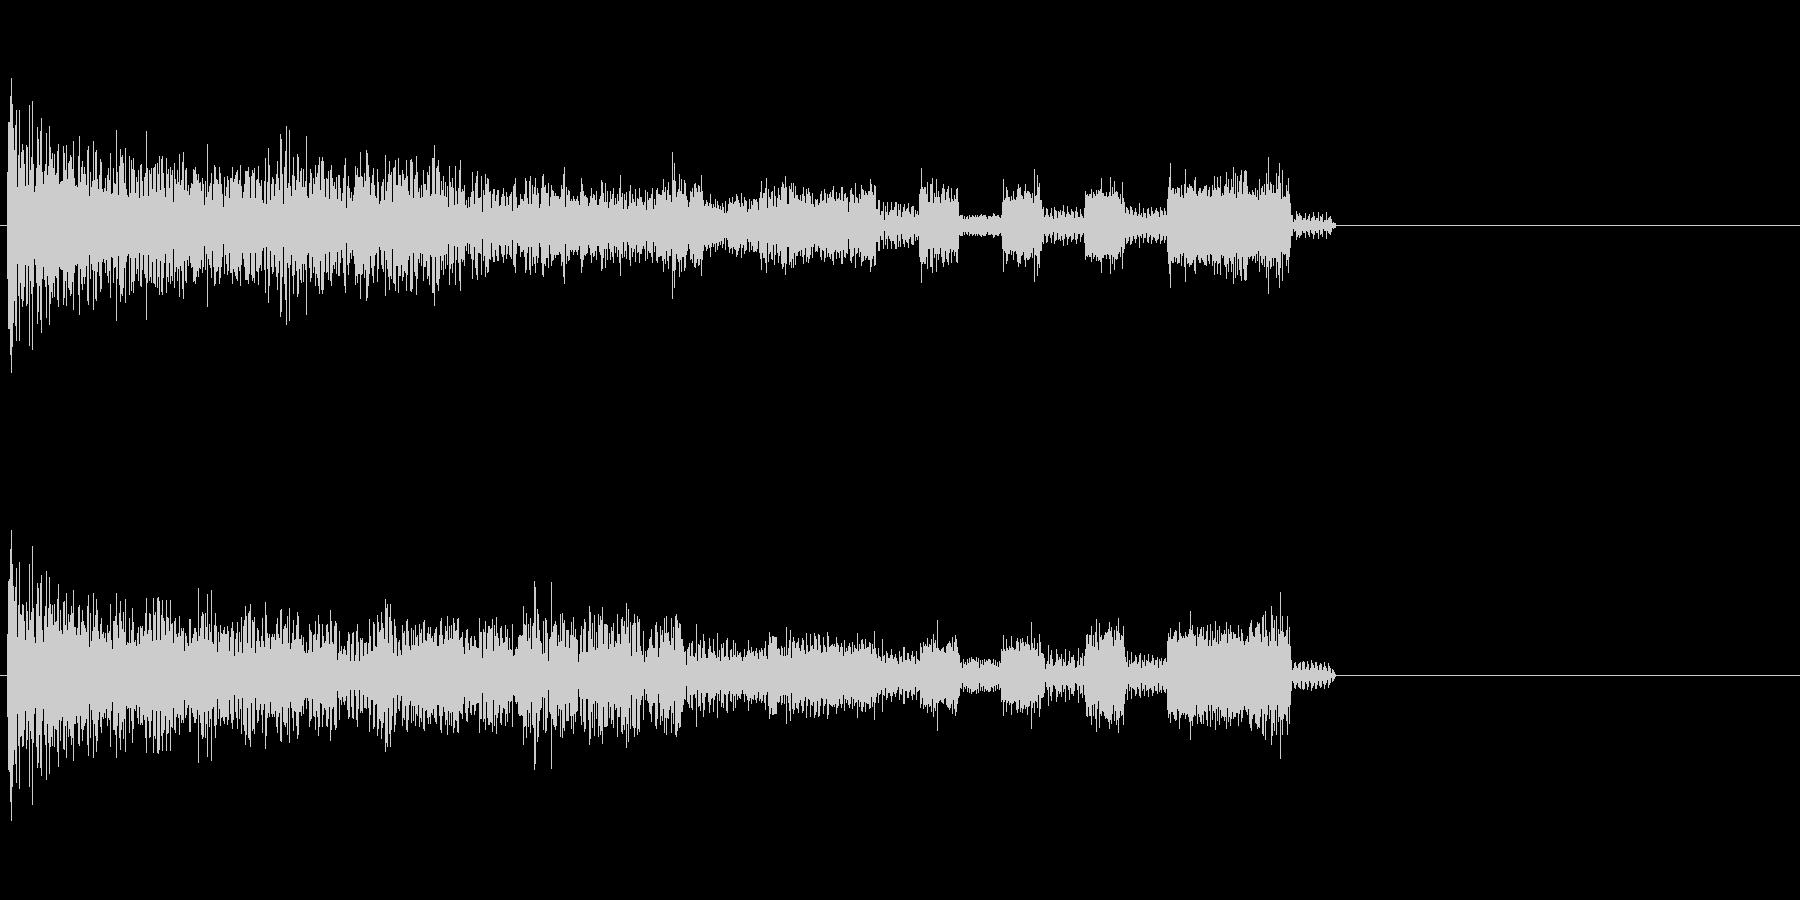 ズクズズージャジャジ (開始・スタート)の未再生の波形